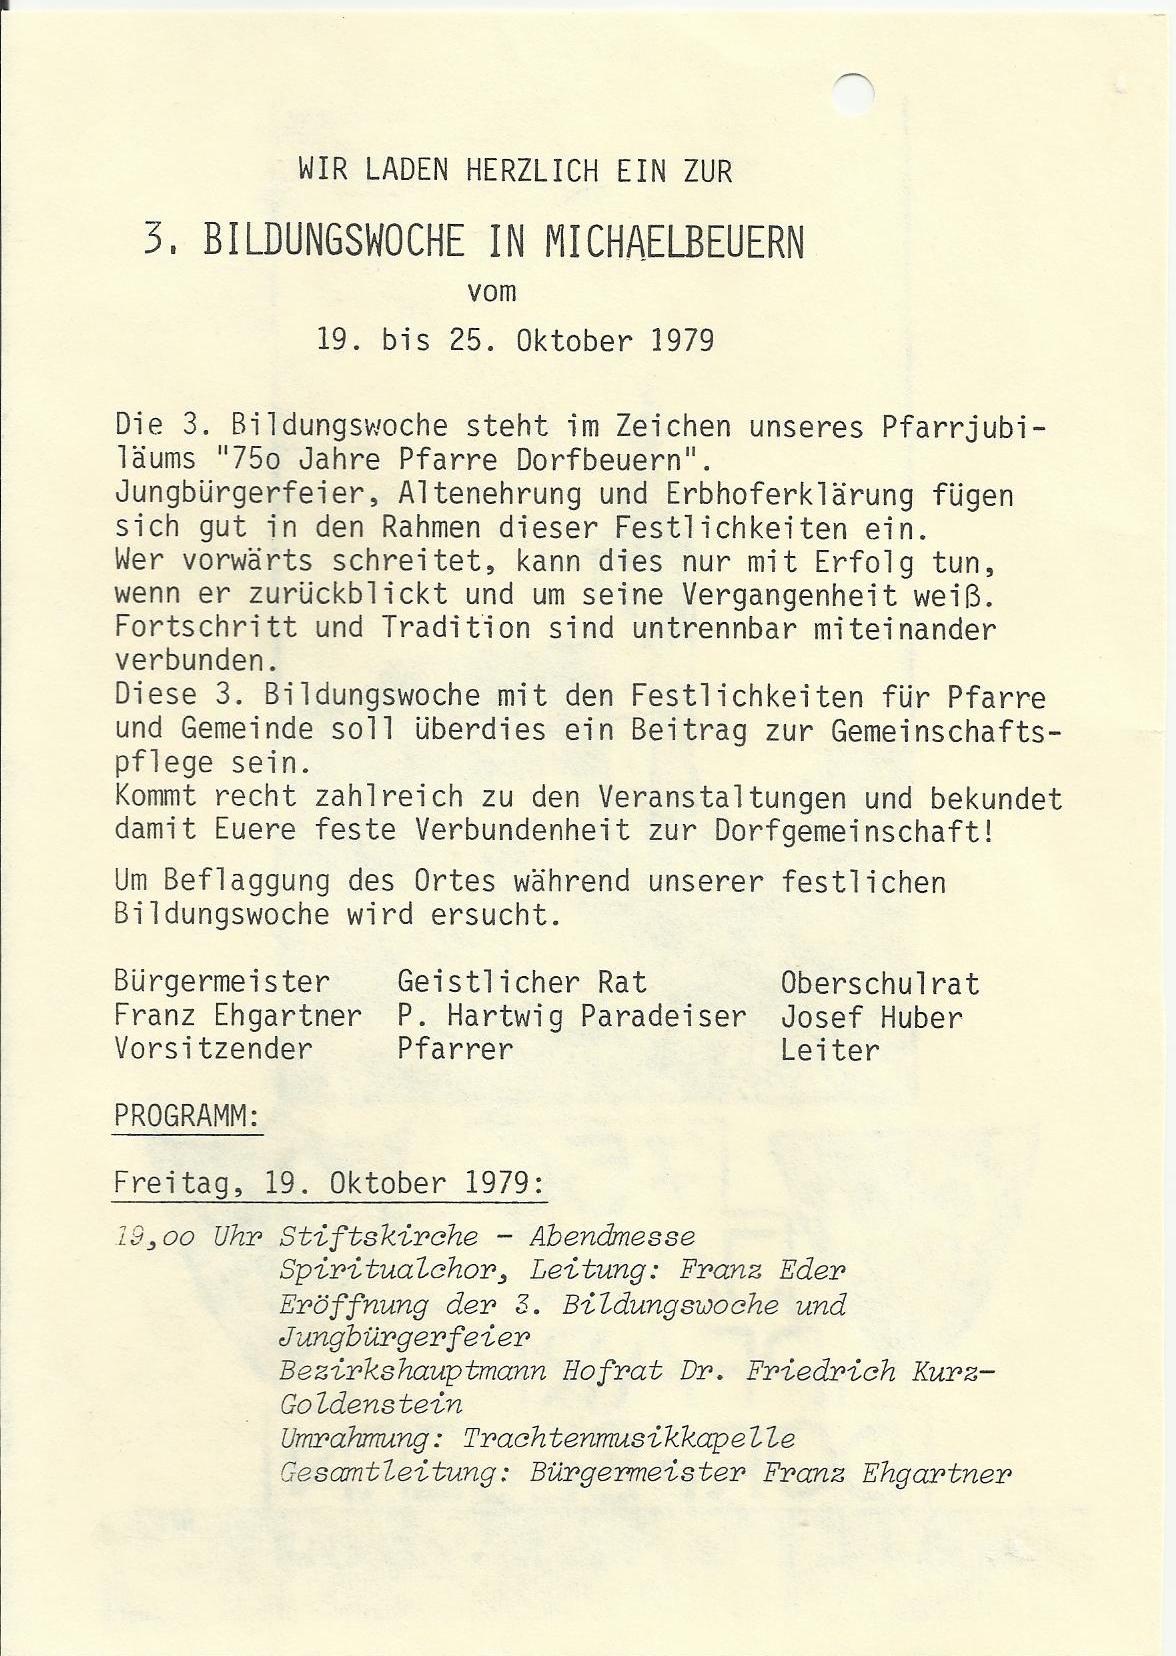 TV 1979 Weihespiel 750 Jahr Jubiläum0002